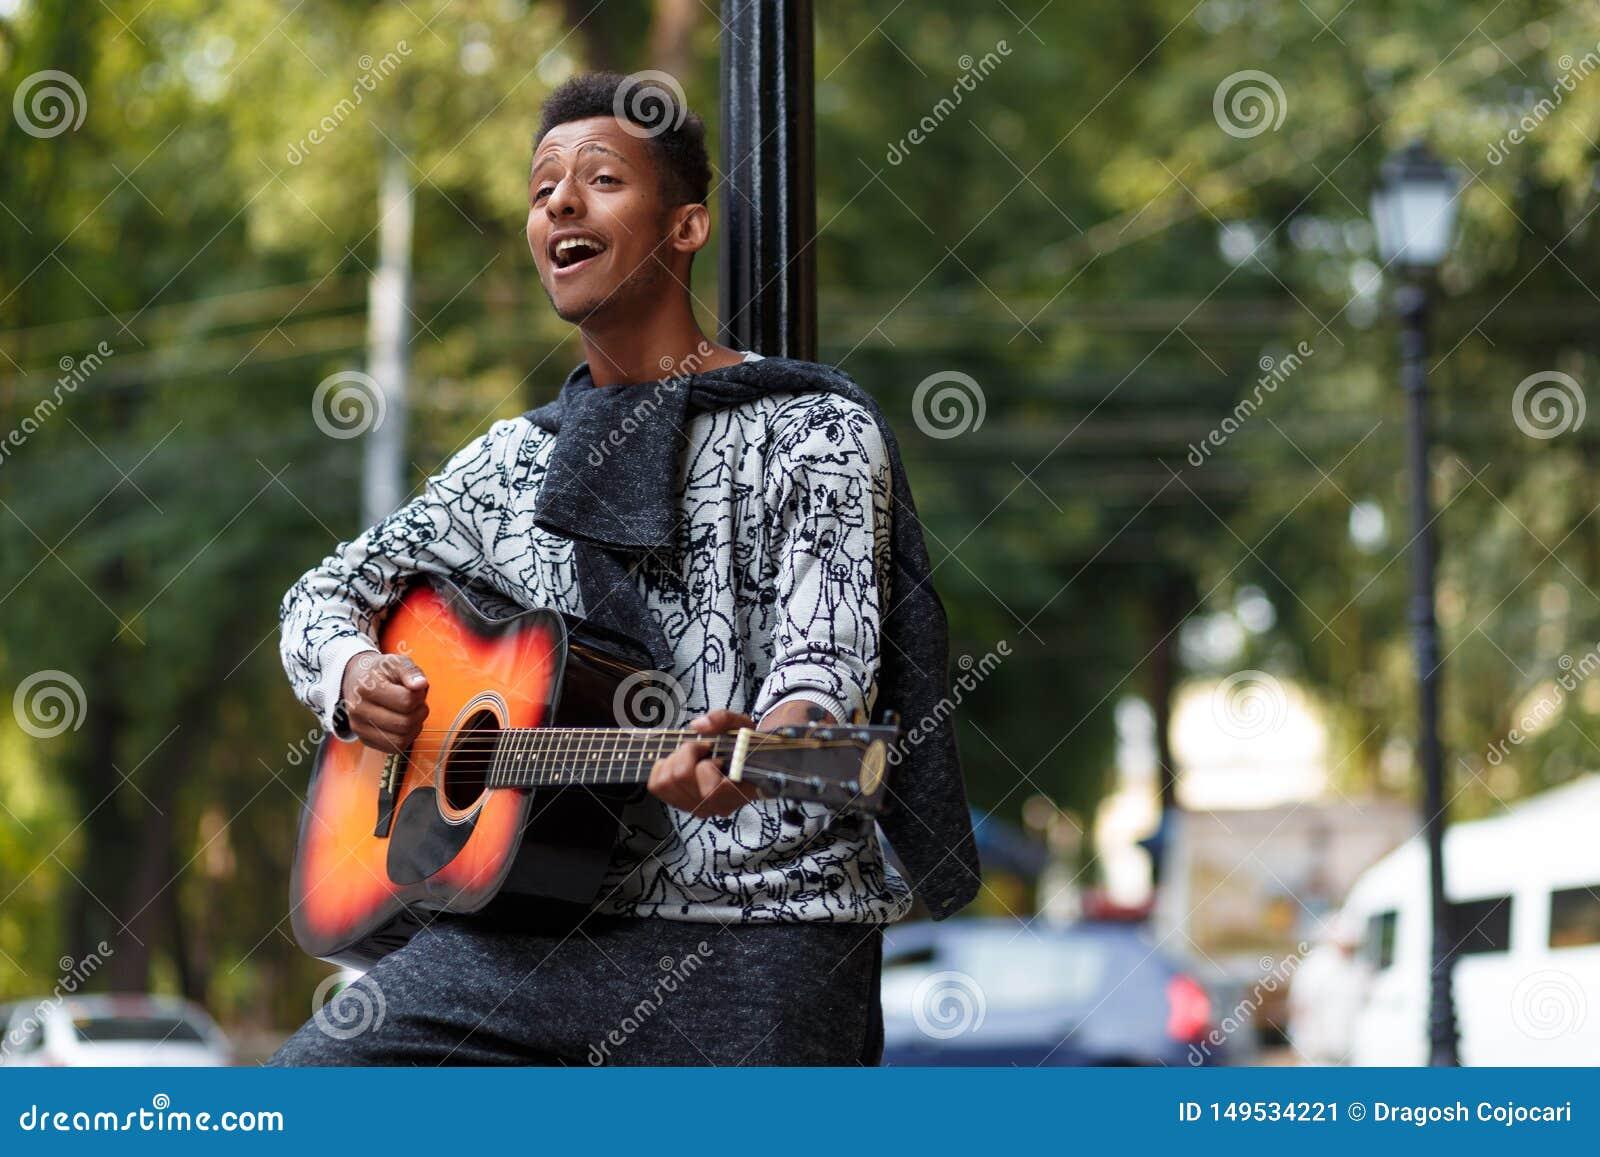 Le jeune musicien joué sur la guitare, chantent une chanson dans le jour ensoleillé, sur un fond brouillé de rue